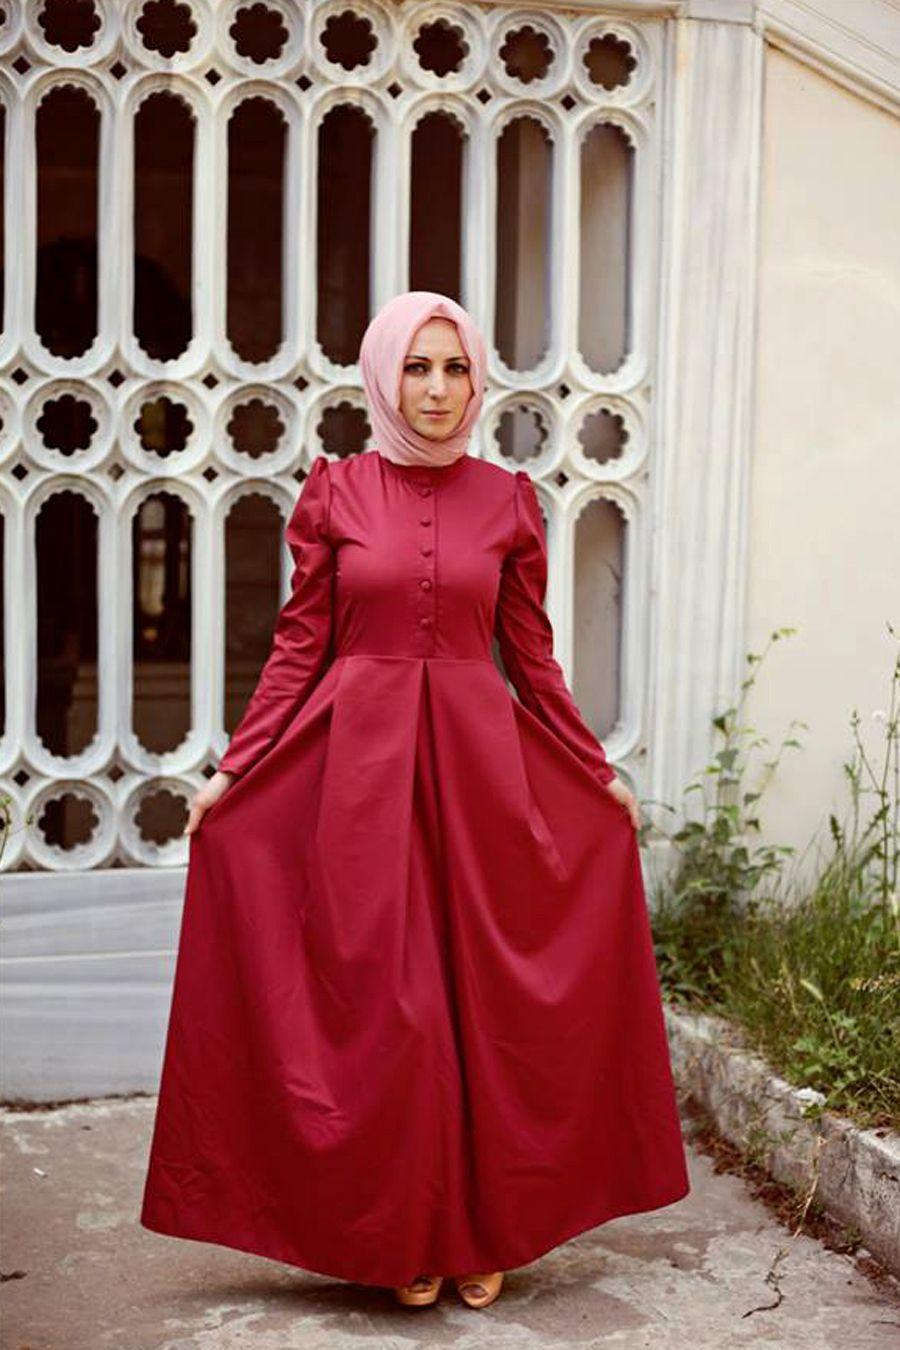 f0ff817be8840 Sultan modeli bordo tesettür elbise Kübra Biriktir özel tasarım  ürünlerinden olup, 145 cm boya sahiptir